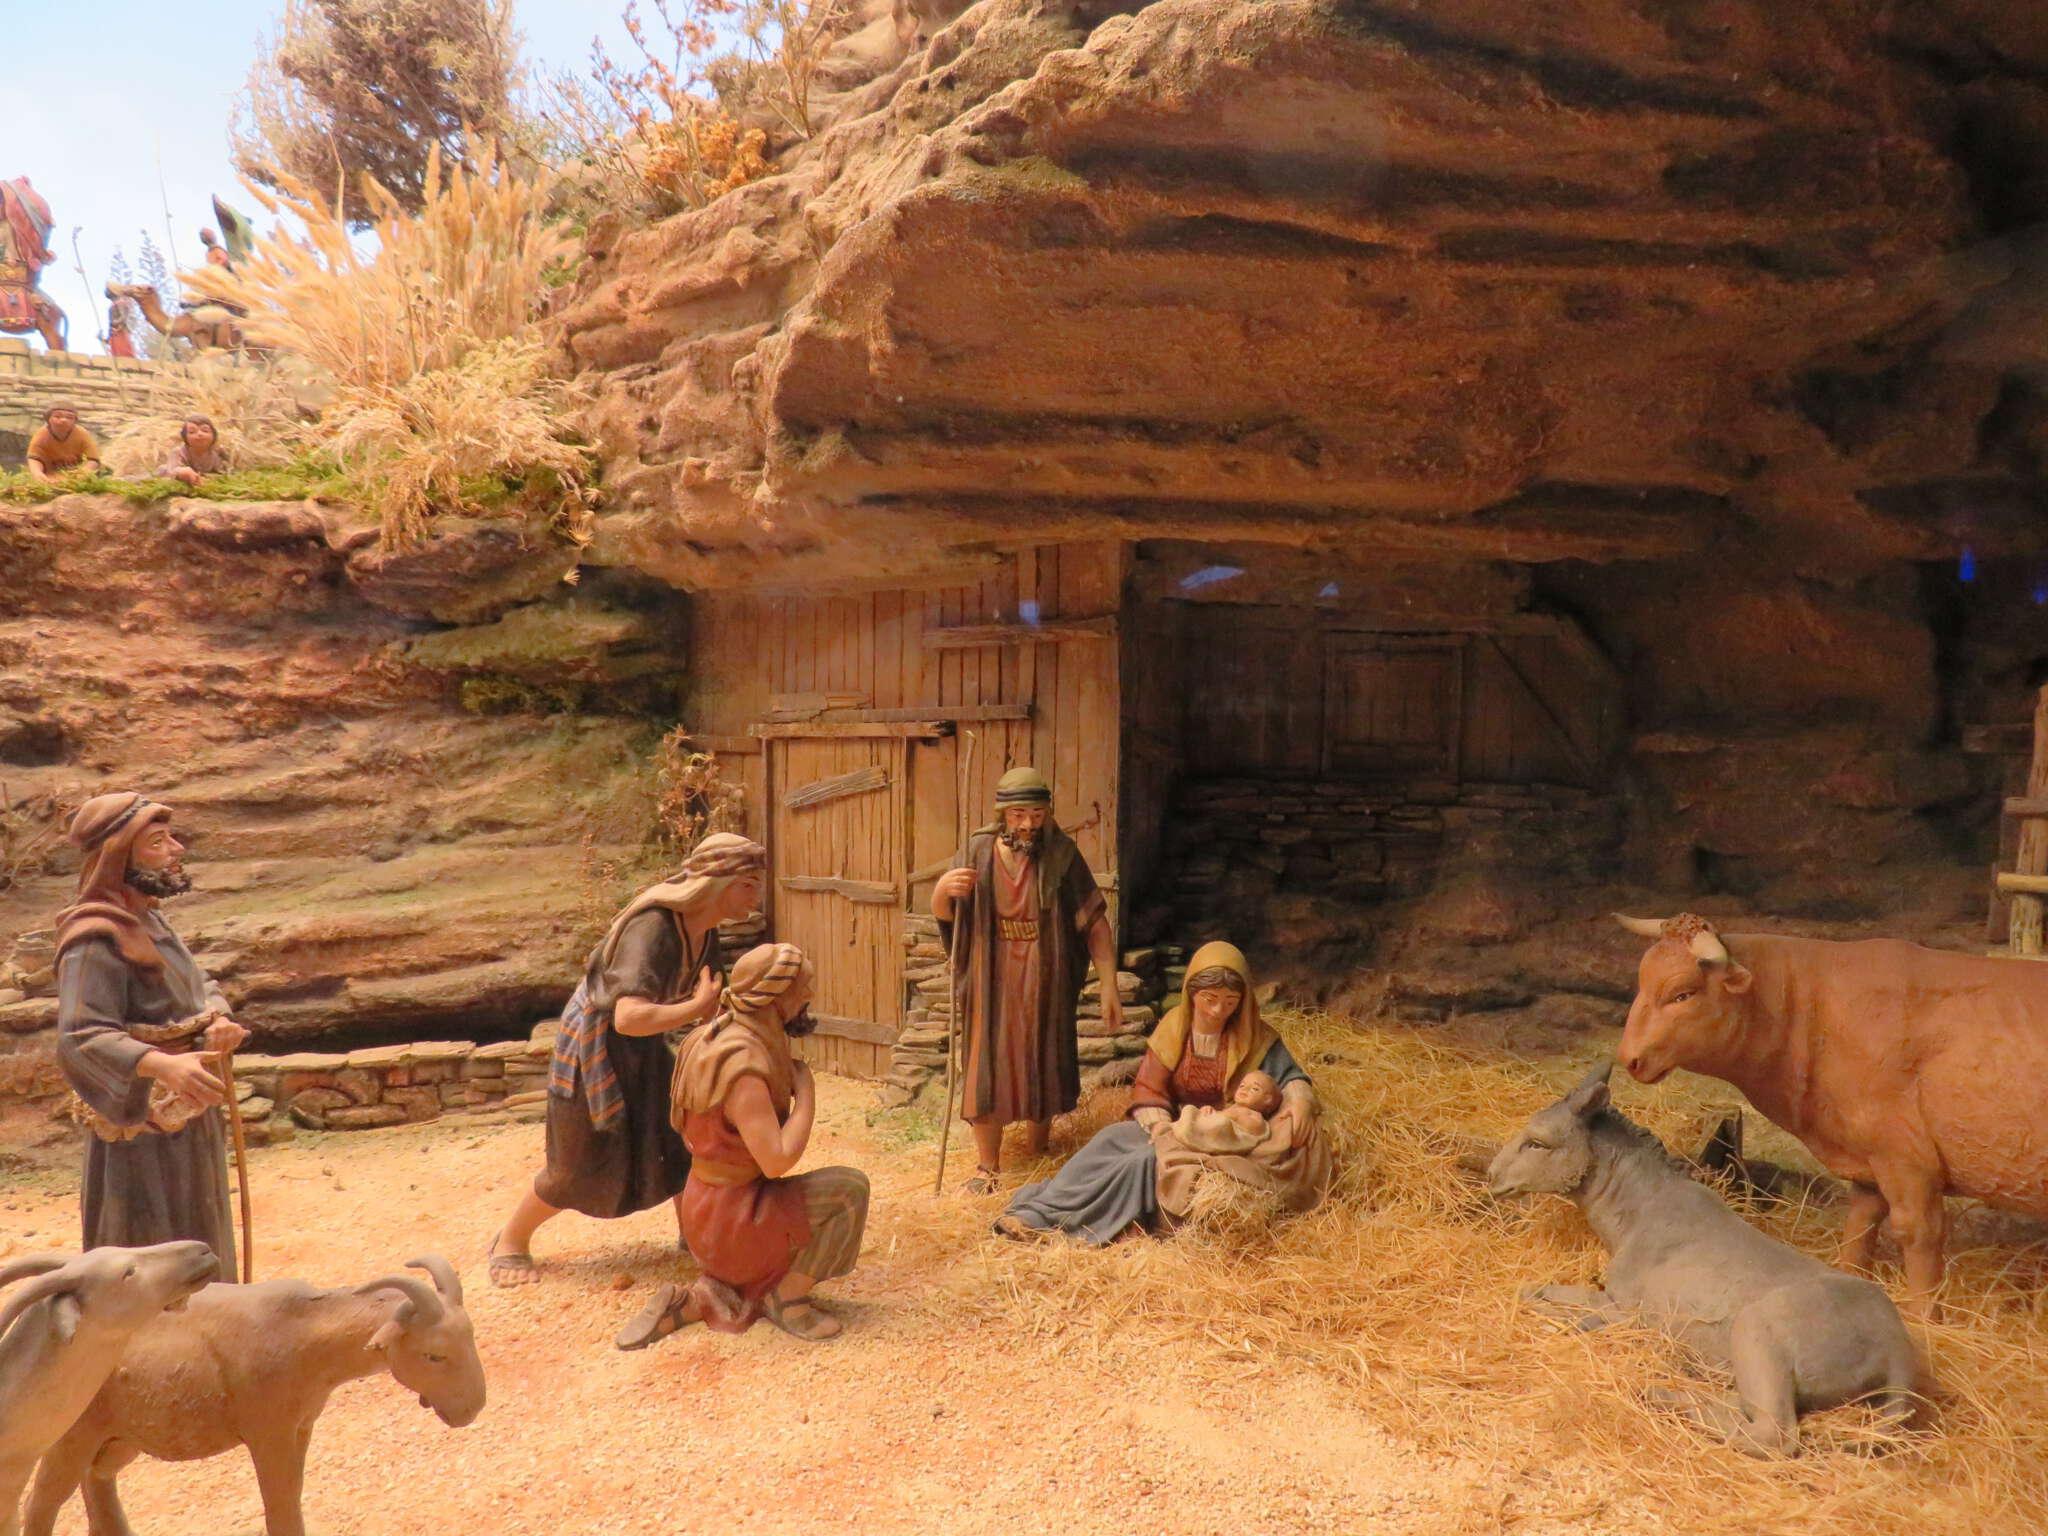 Poner el belén es una de las principales tradiciones del Adviento. El origen de los belenes se atribuye a San Francisco de Asís en la Navidad del S.XIII.